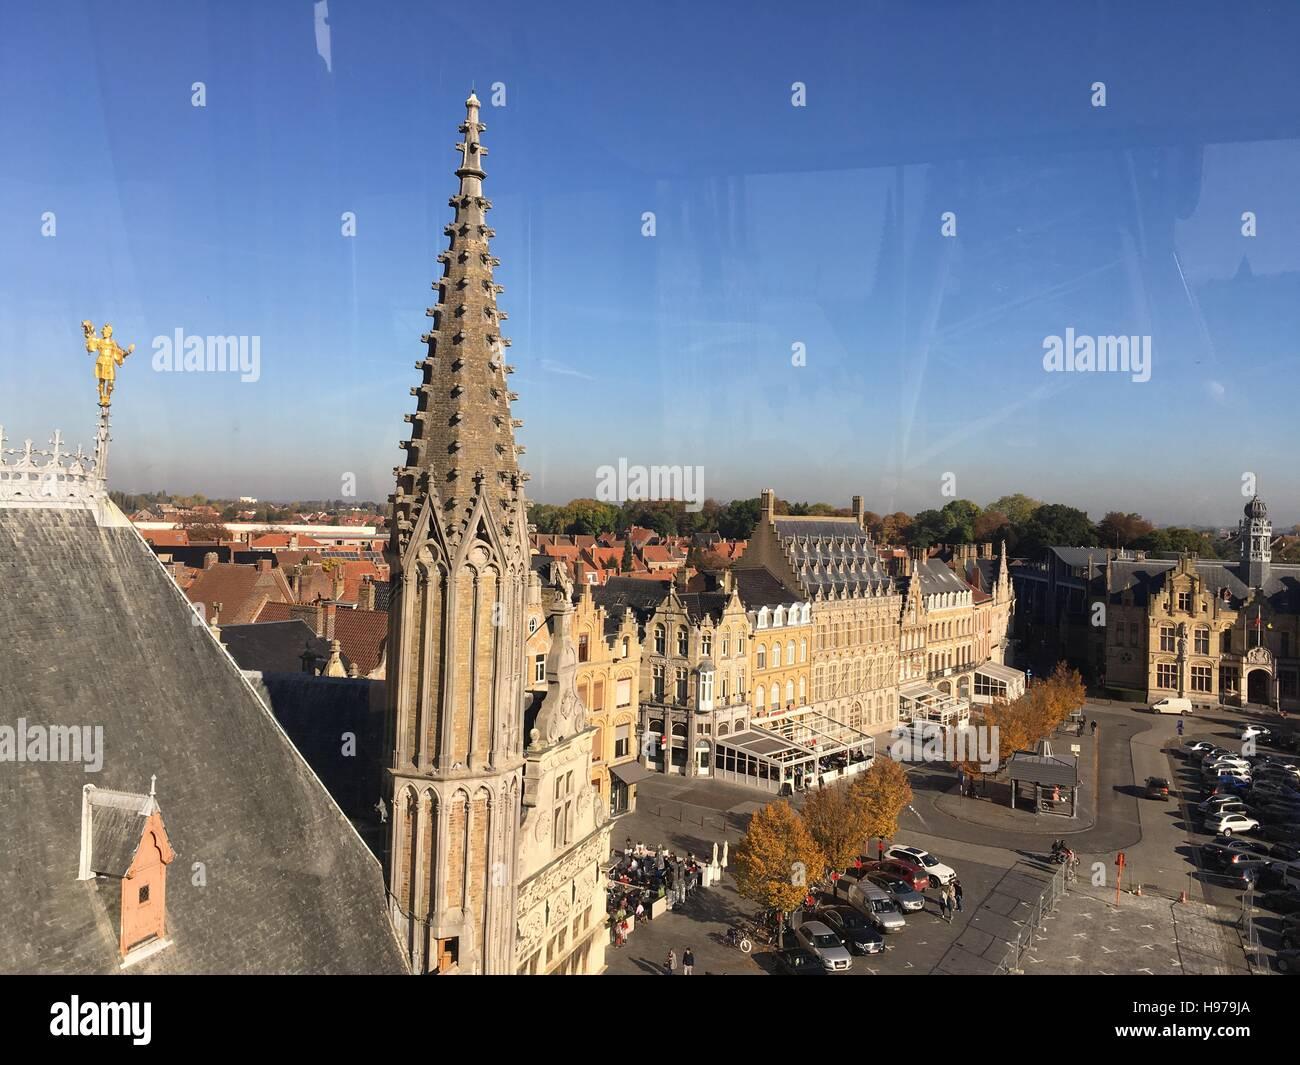 Hallen, grote Markt, gerechtsgebouw en Sint-Maartens Kathedraal Ieper vanuit de lucht Stock Photo